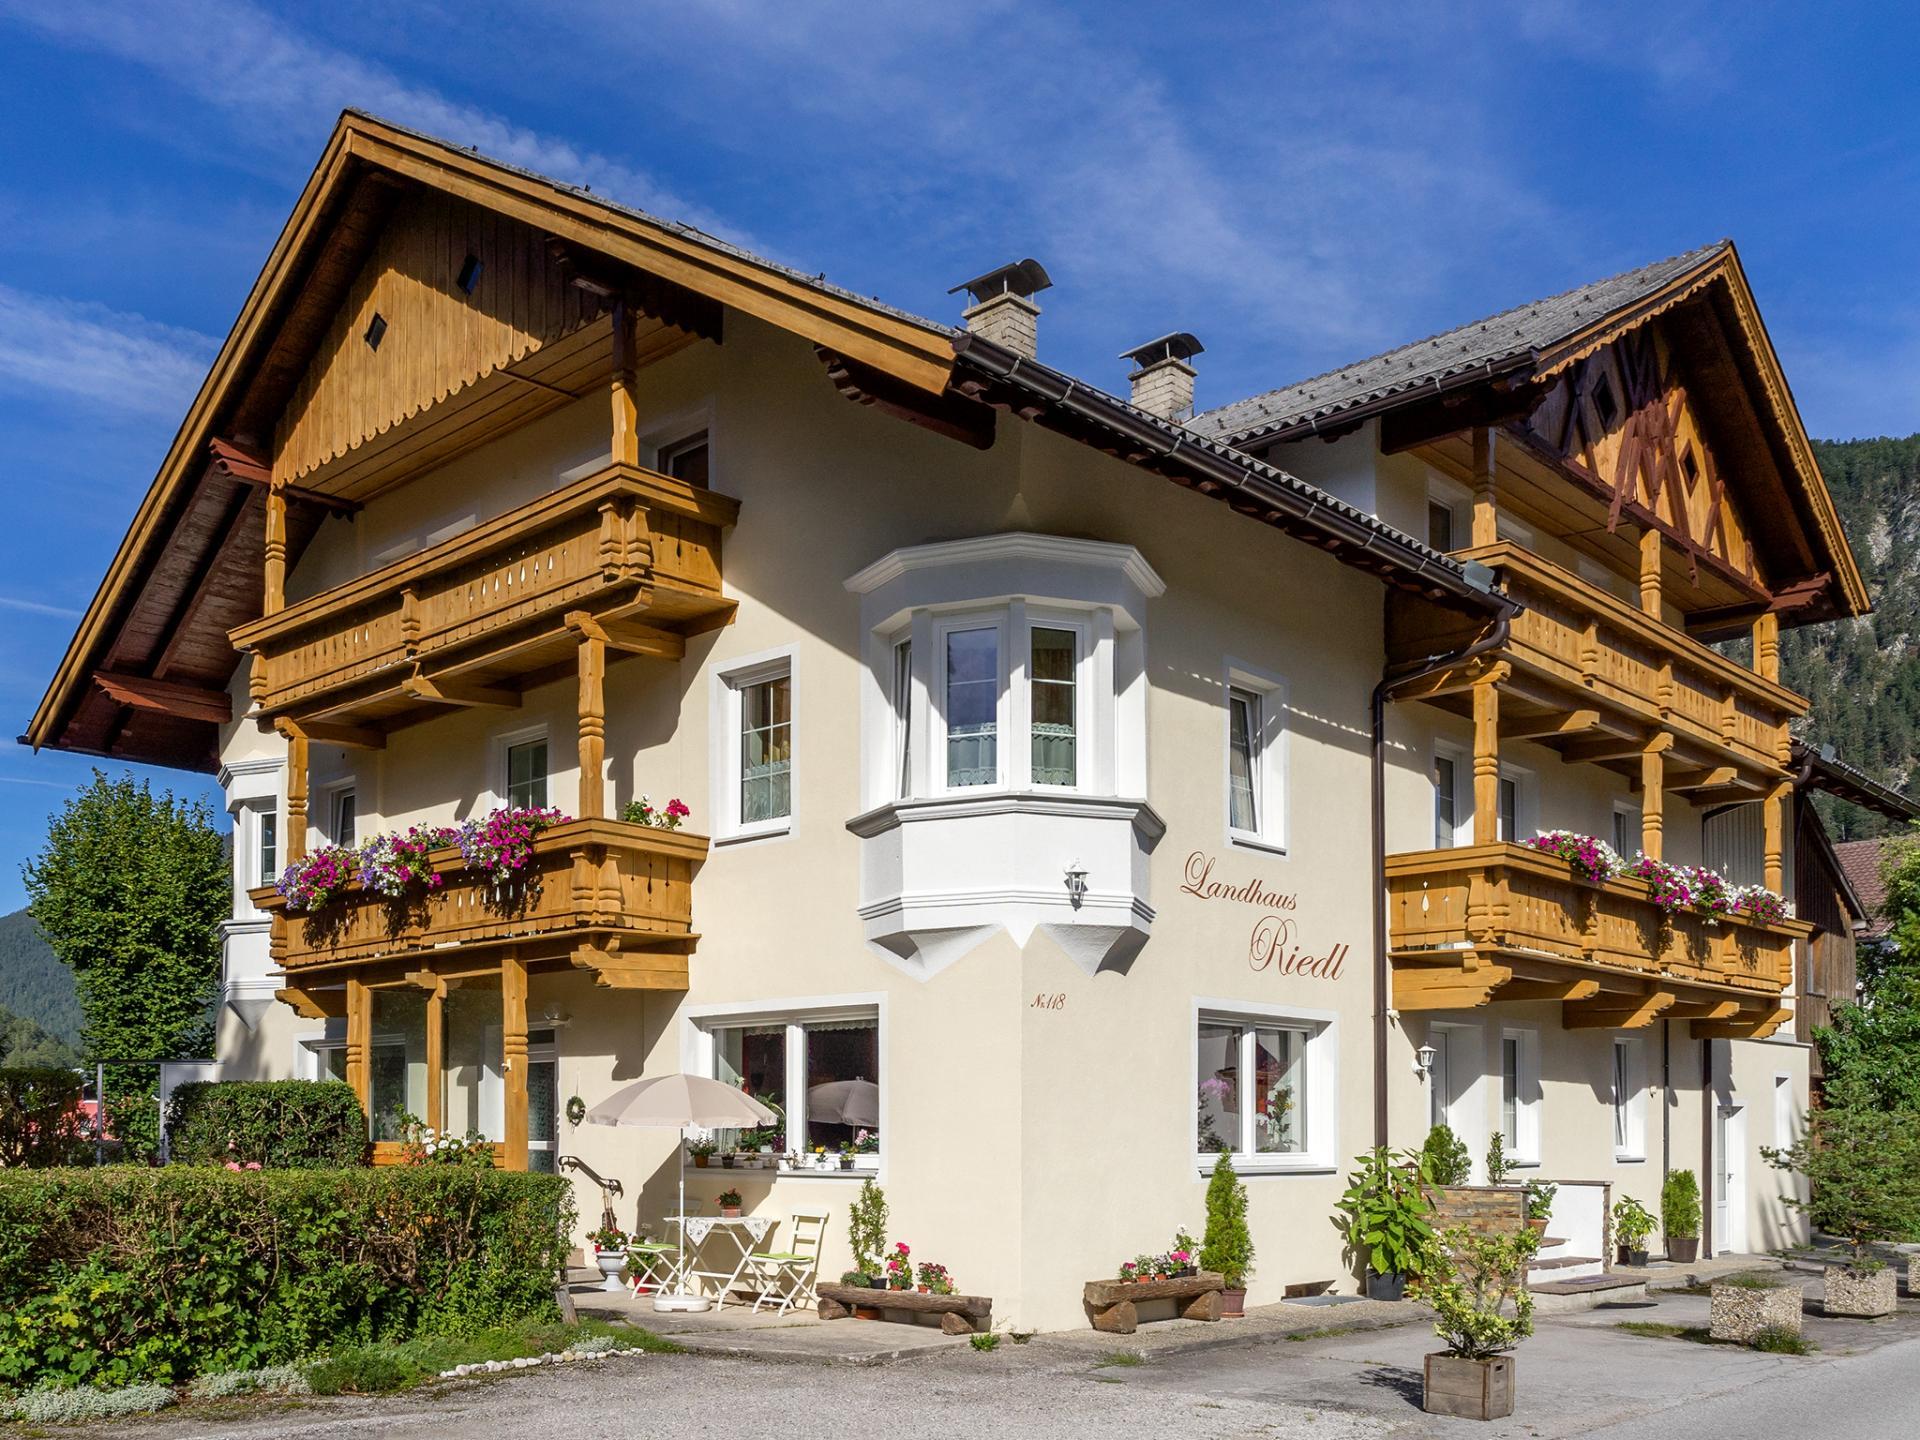 Landhaus Riedl #Willkommen